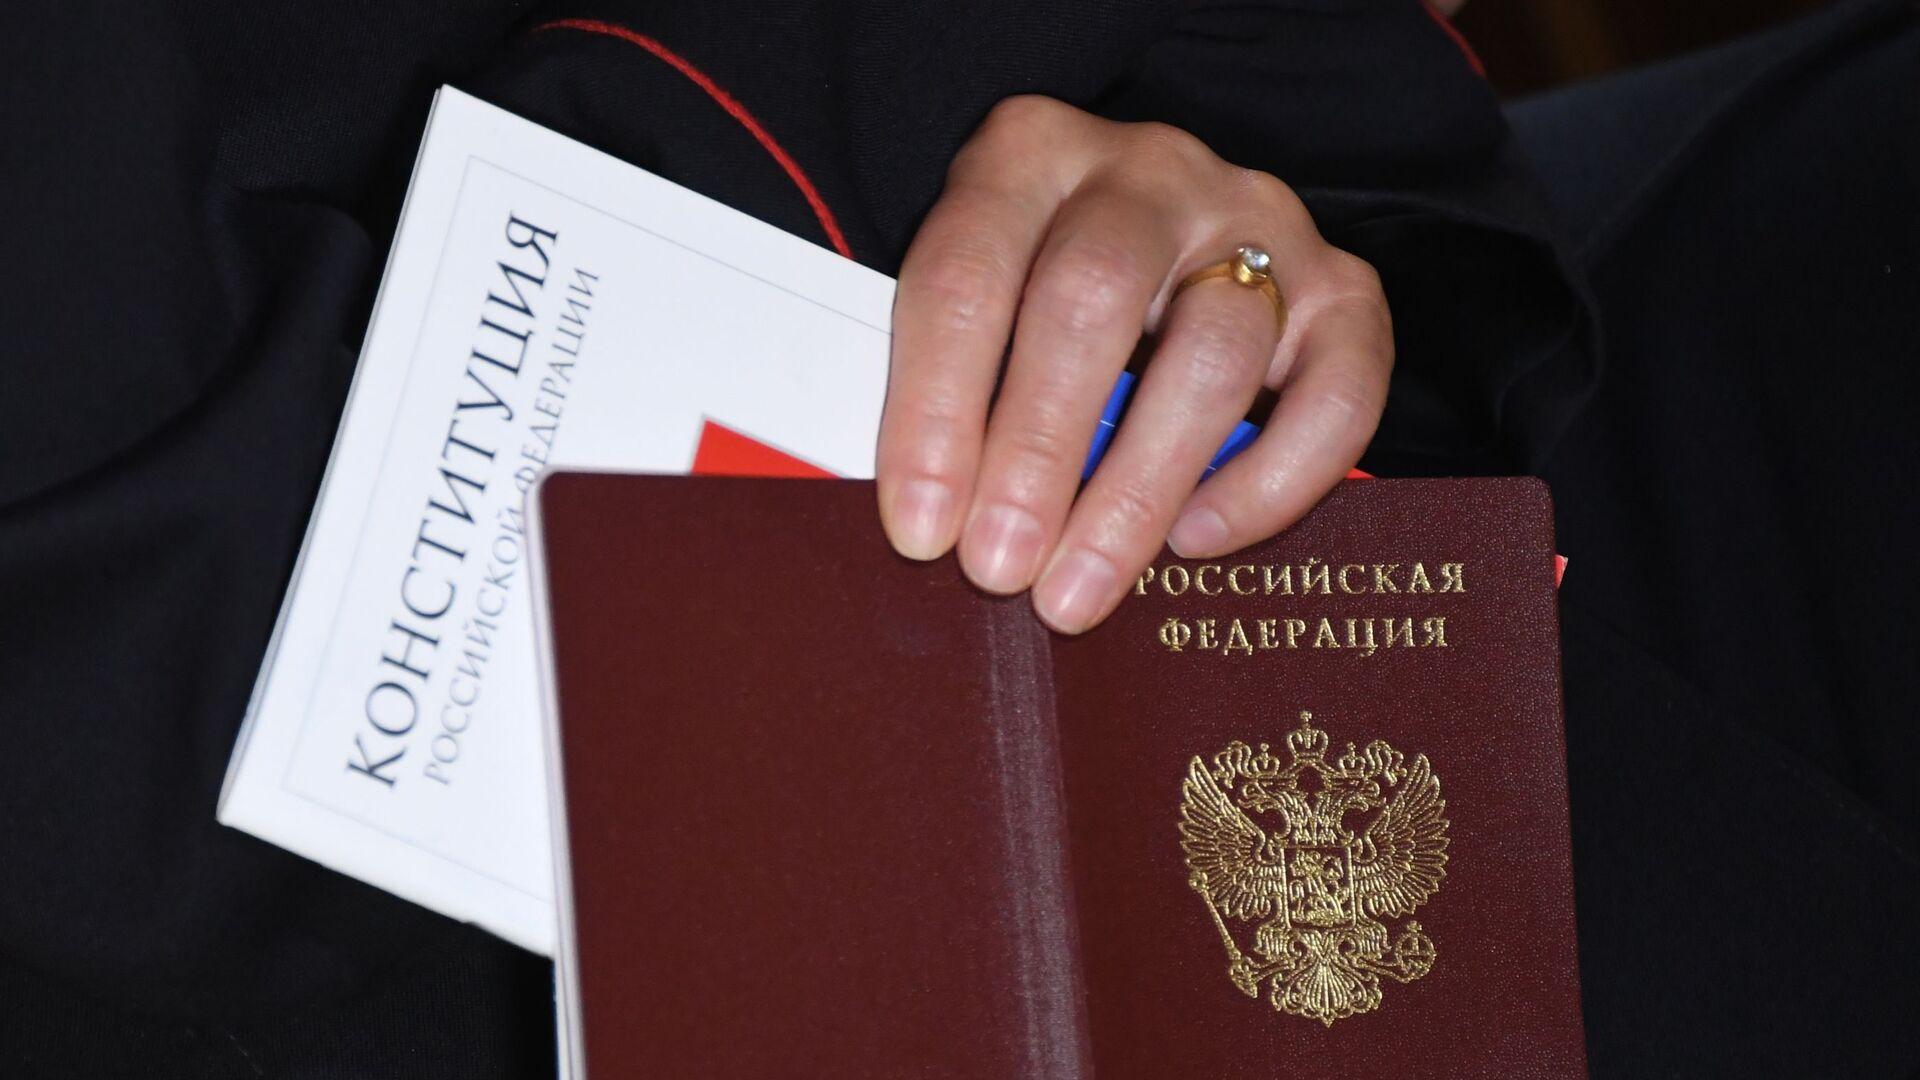 Церемония вручения российского паспорта Джулиану Генри Лоуэнфельду - Sputnik Аҧсны, 1920, 12.10.2021